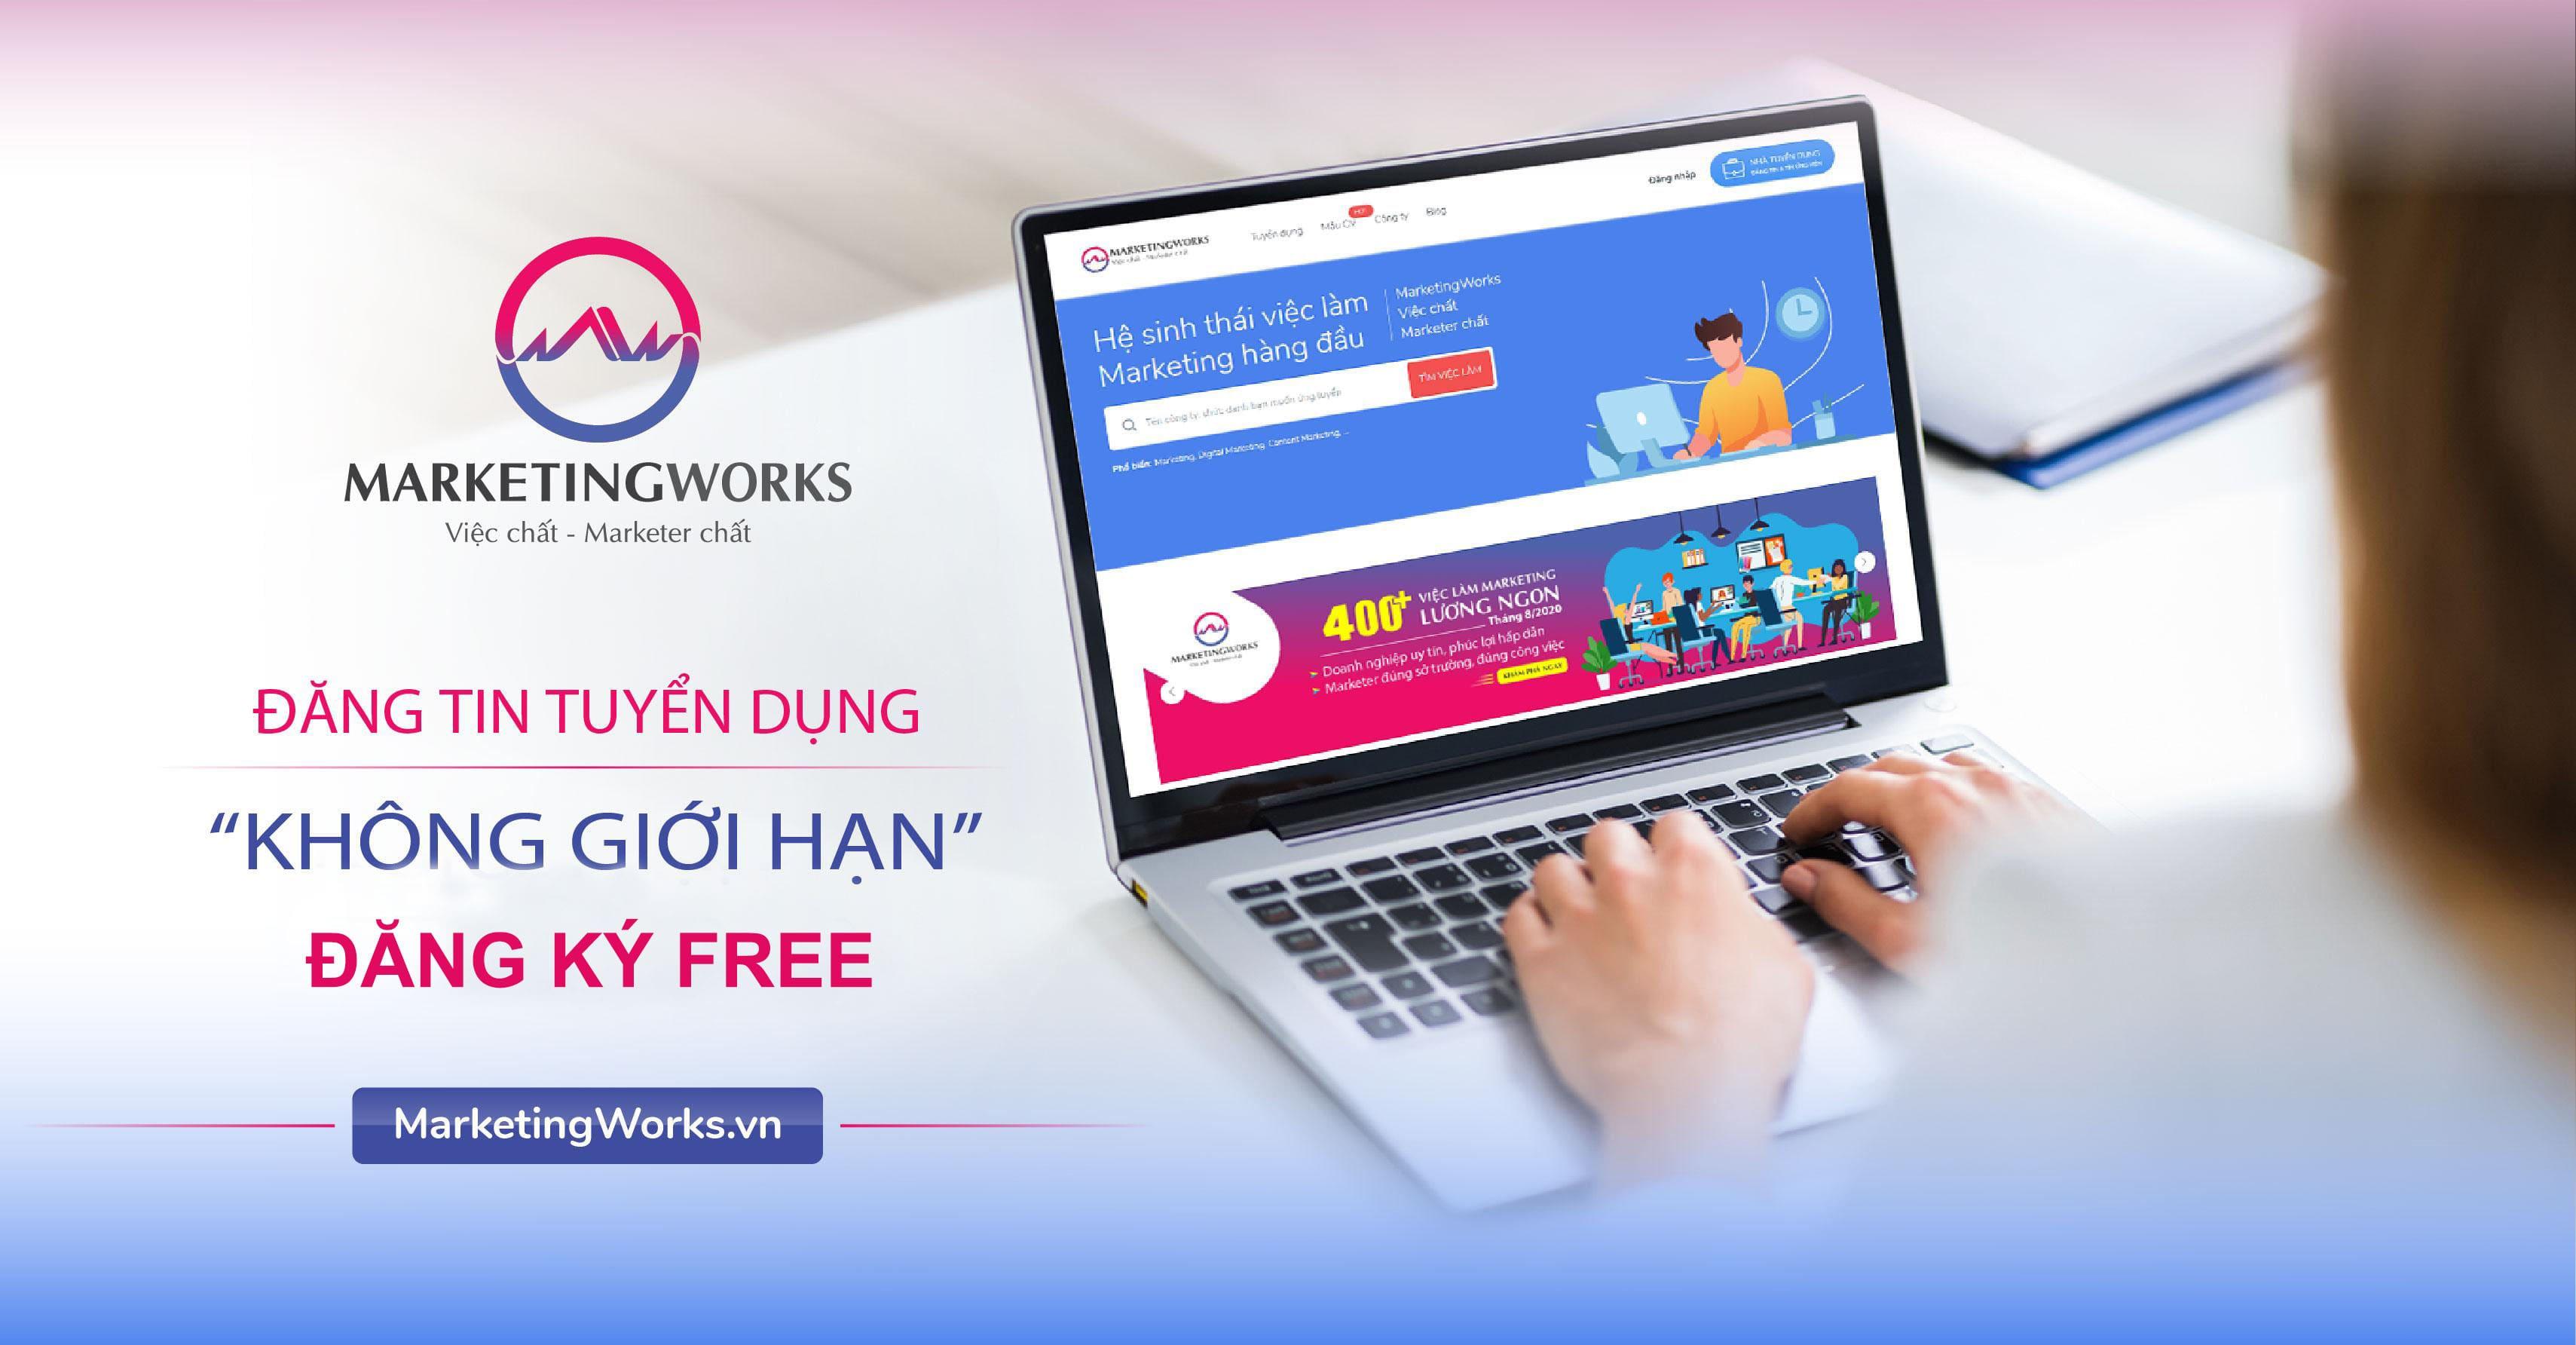 đăng ký tuyển dụng marketing free